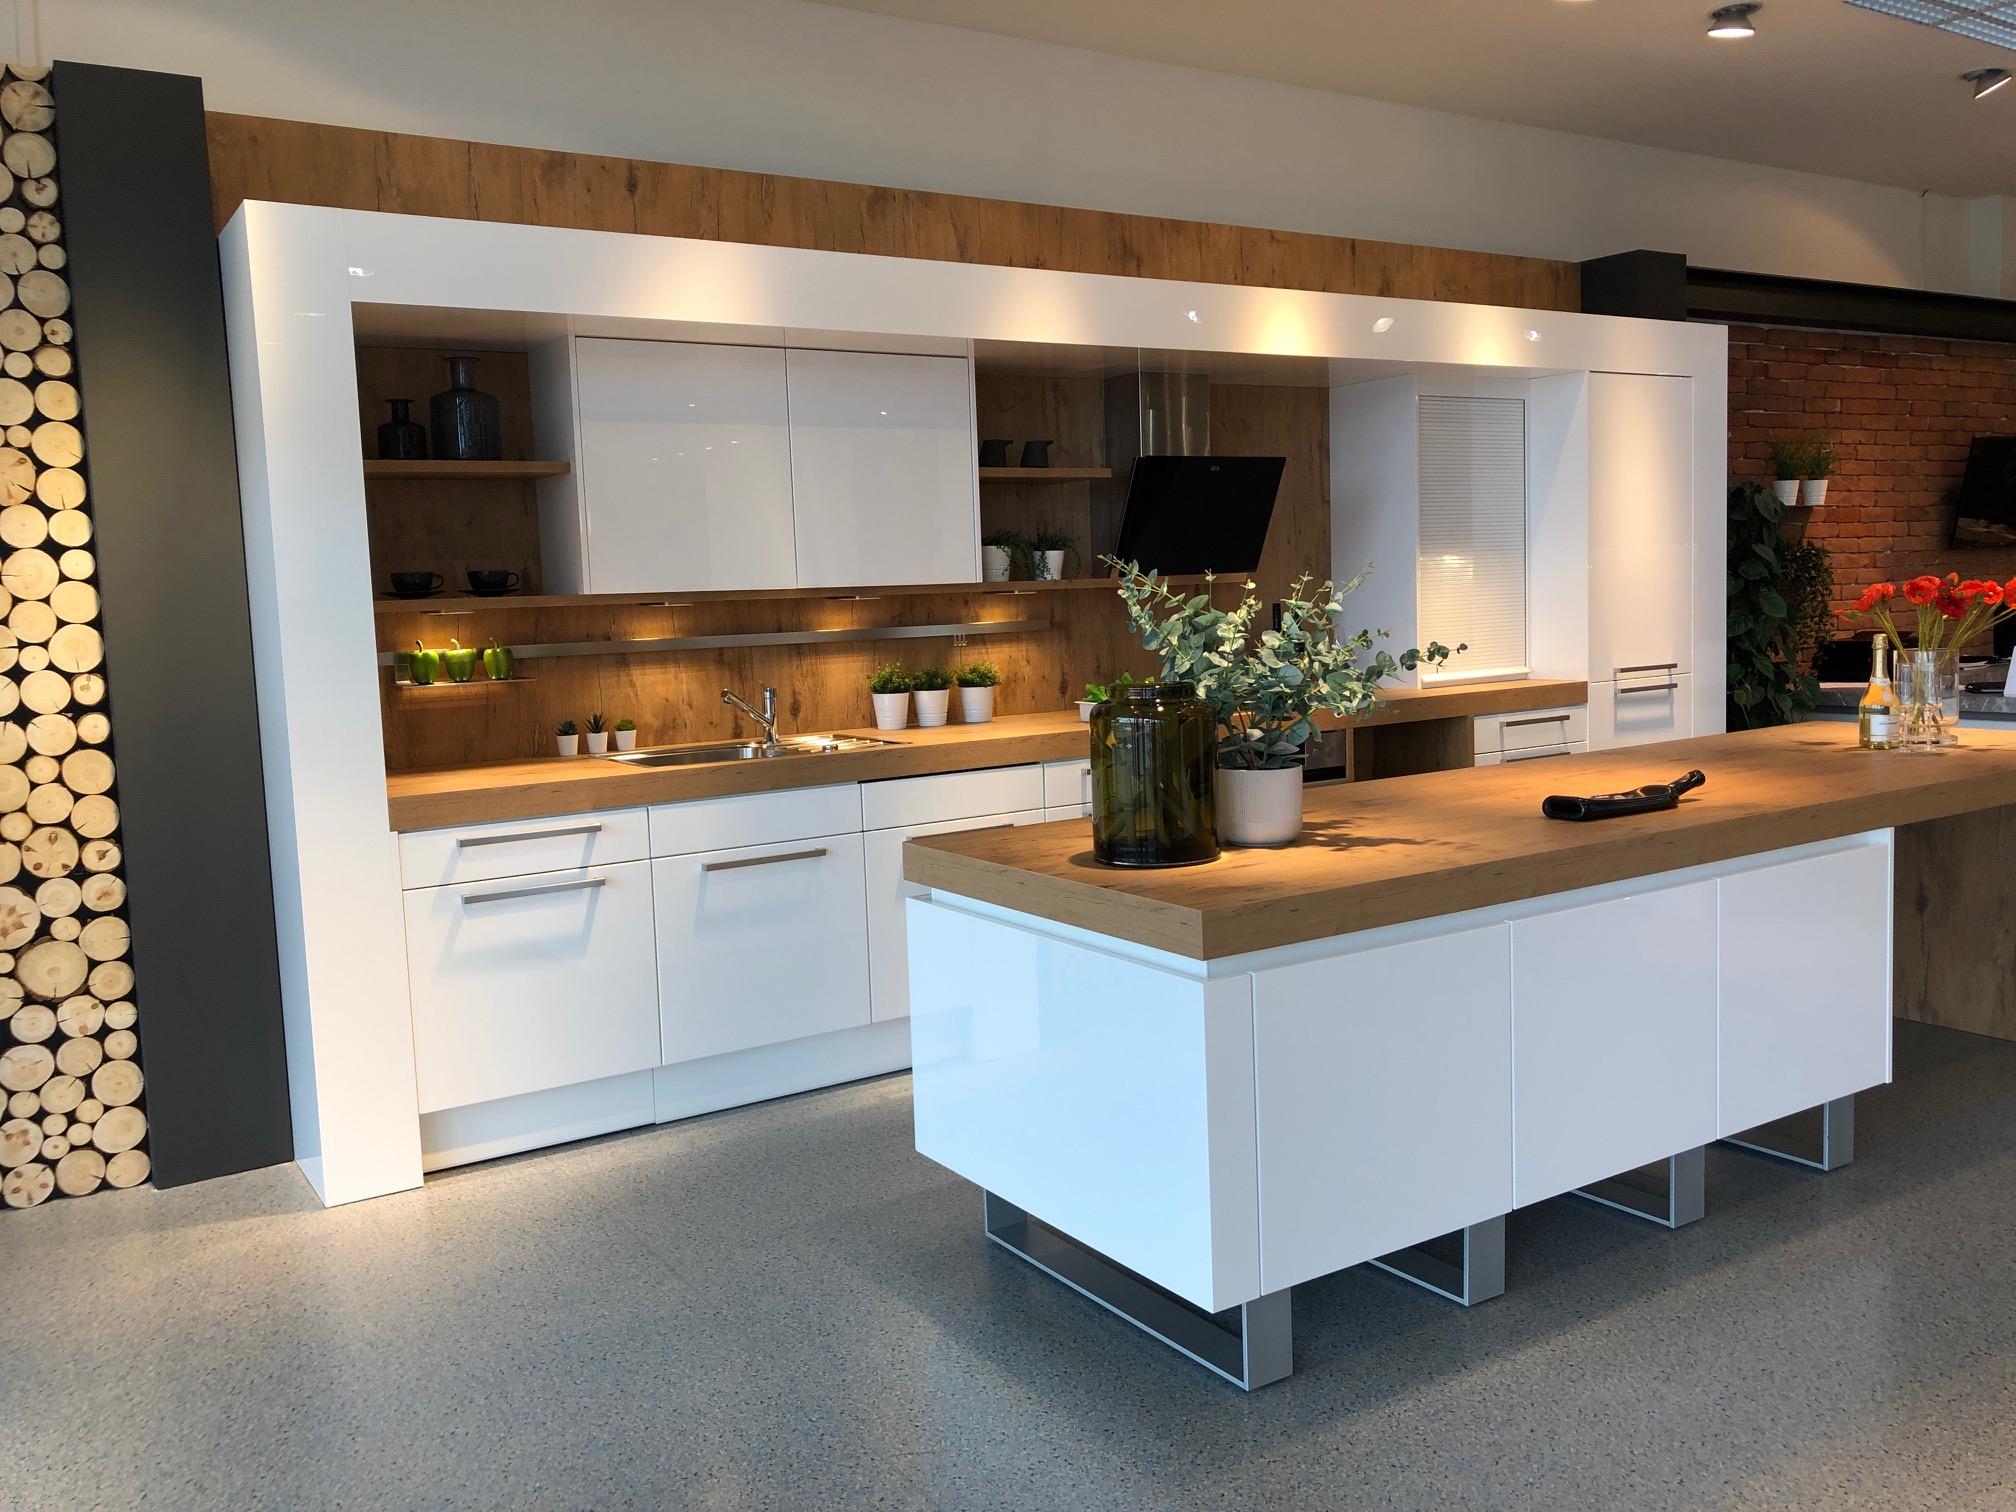 DAN Küche Modell Living mit Fronten in Hochglanz Weiß und Rückwände sowie Arbeitsplatte in Holzdekor Burguesa Eiche.